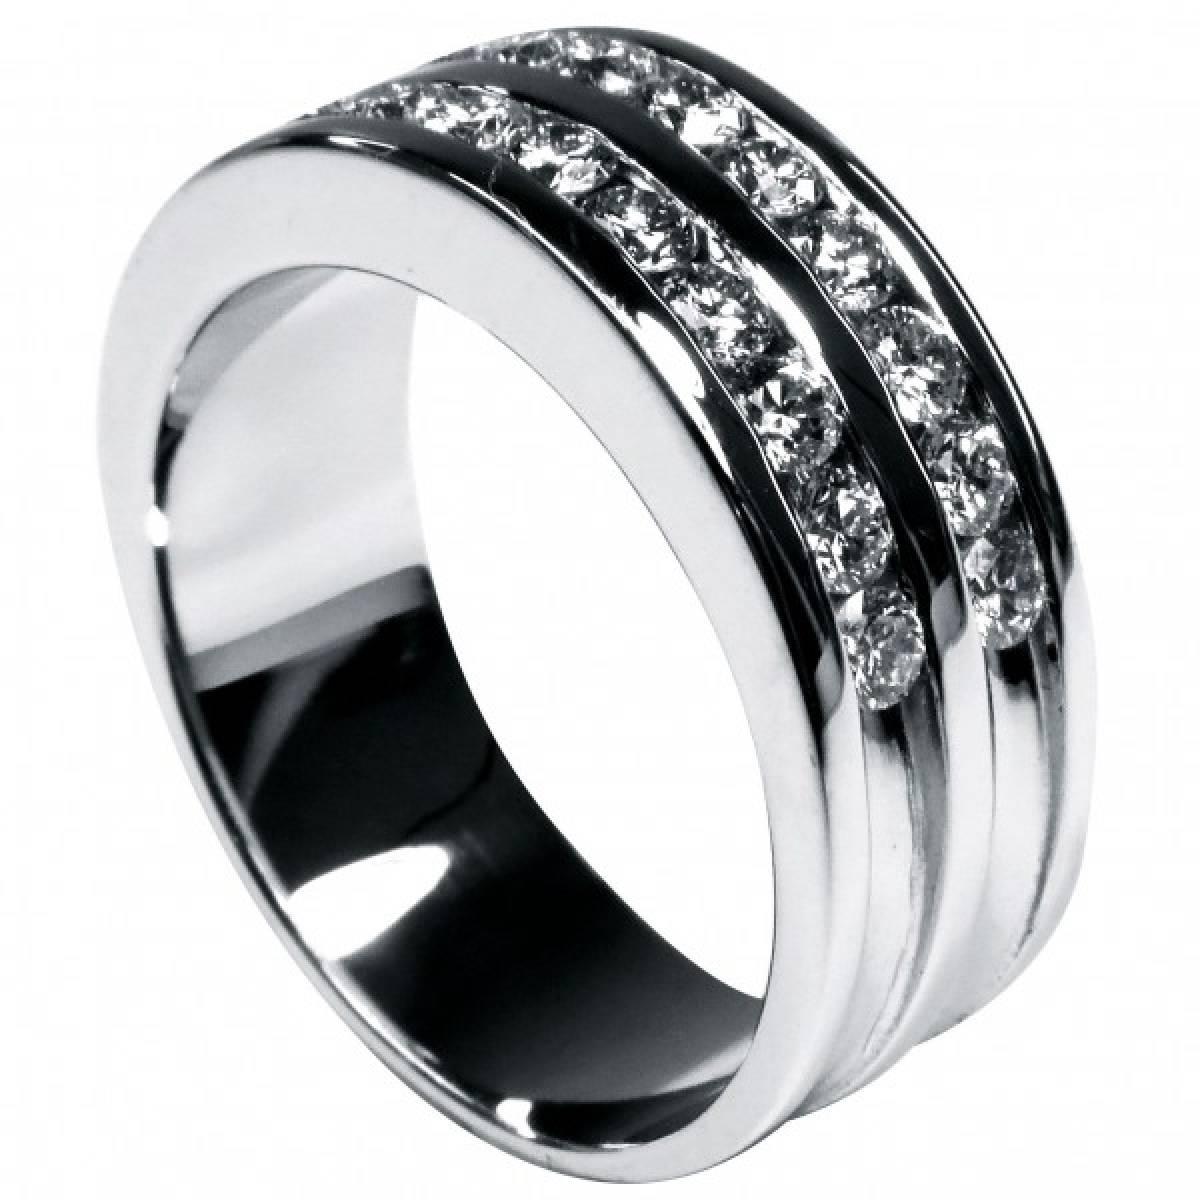 Anel de Noivado em ouro branco de 9 e 19 kts, c/ 24 diamantes de 1,00 kt